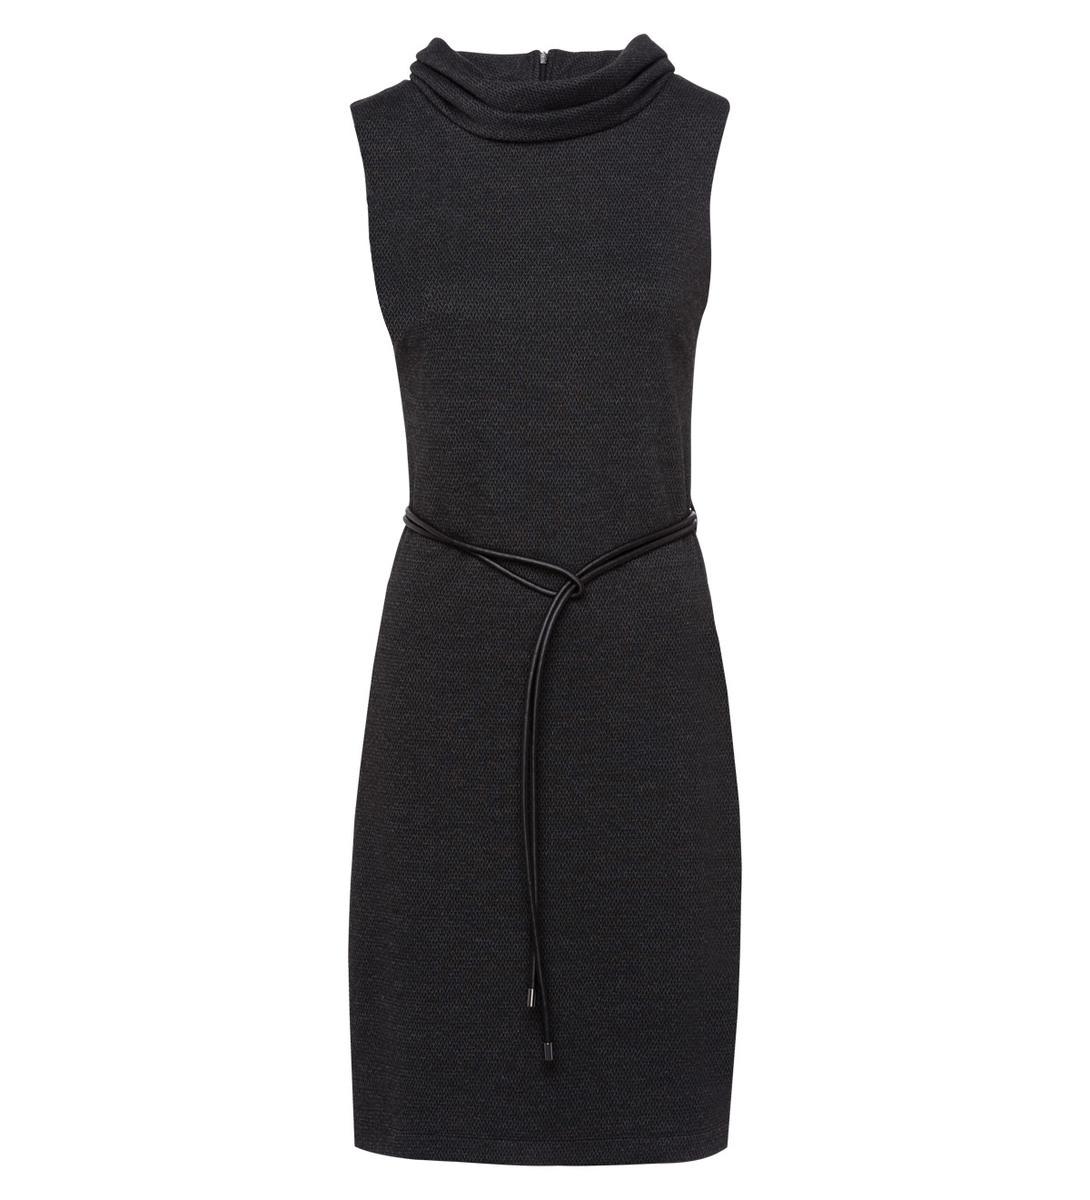 Kleid mit breitem Kragen in black